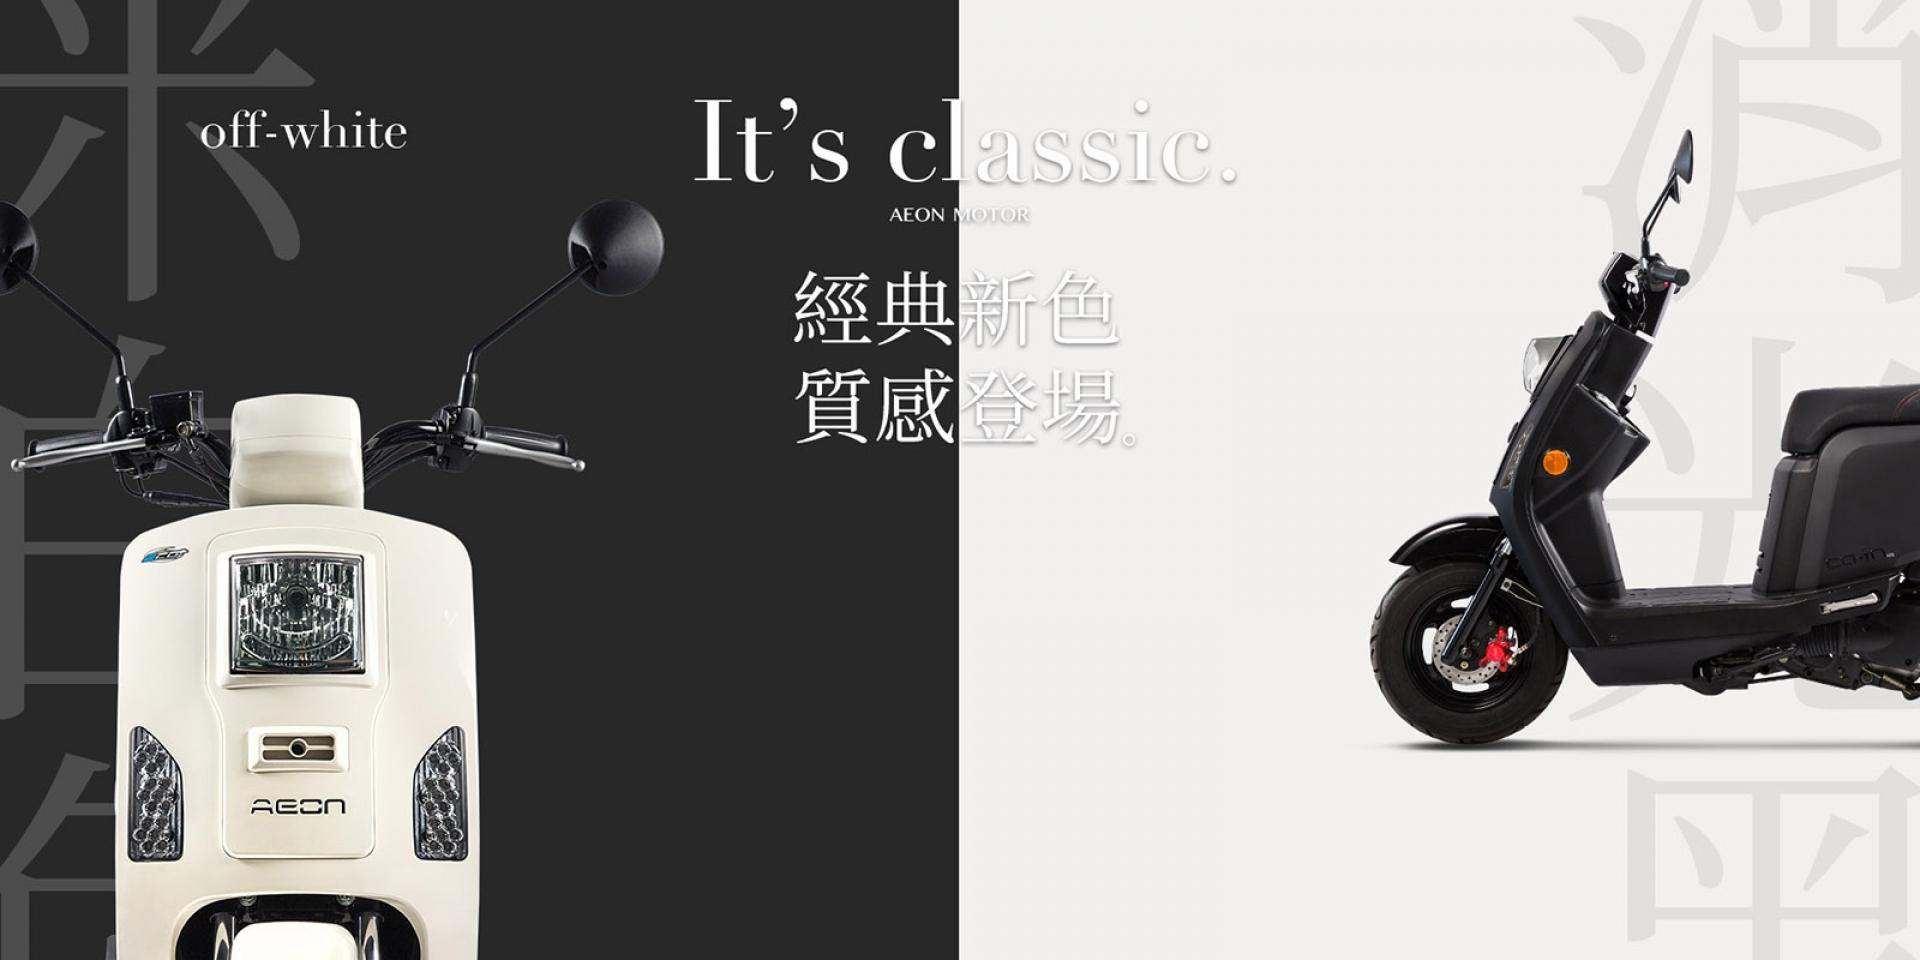 官方新聞稿。宏佳騰邀你騎CO-IN 125 樂遊賞桐趣